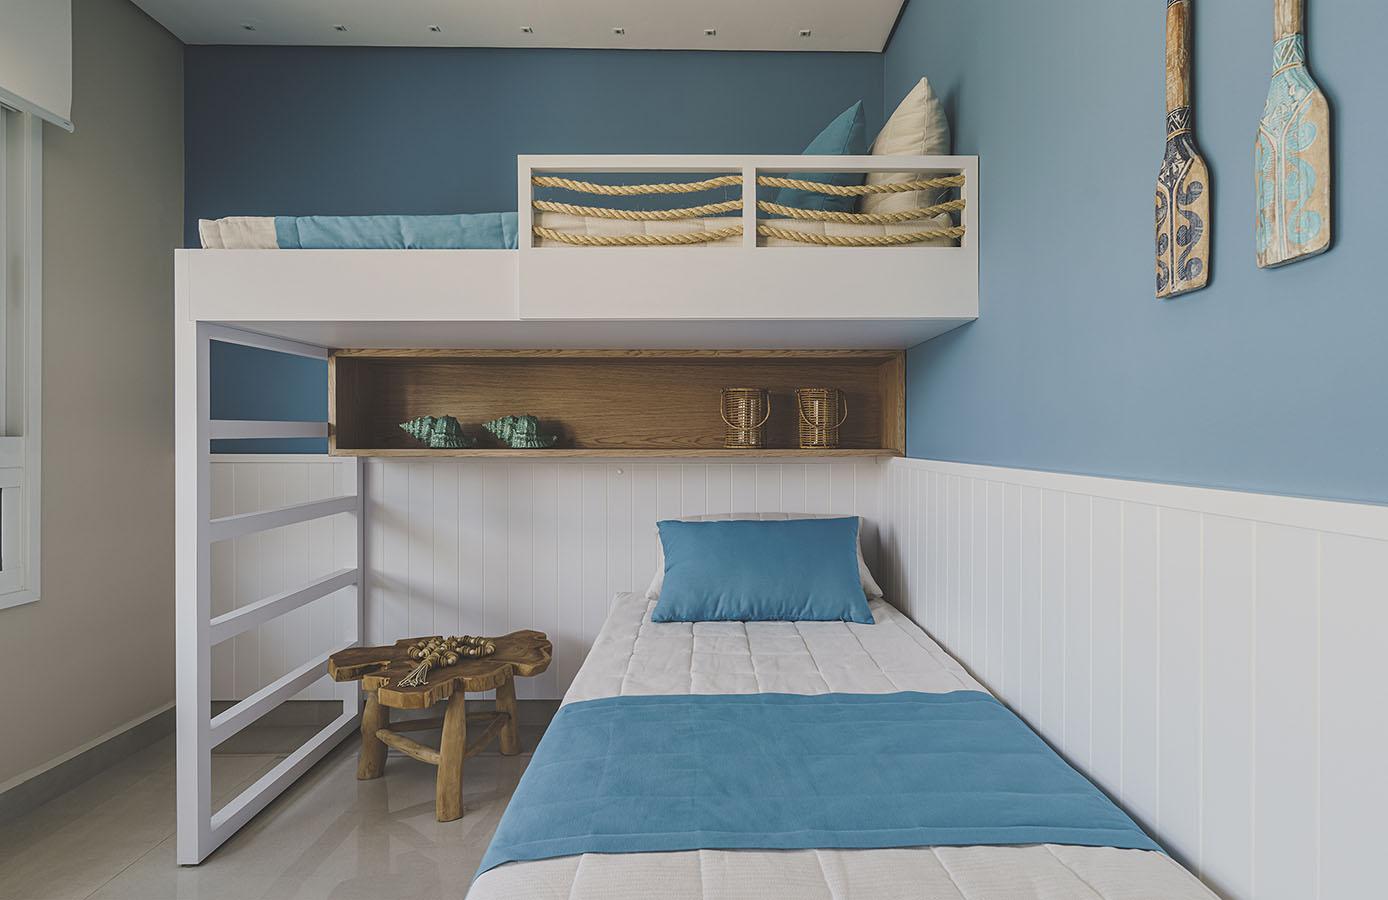 Arquiteto_Curitiba_Arquiteta_AlessandraGandolfi_Apartamento_RR_Interiores_18